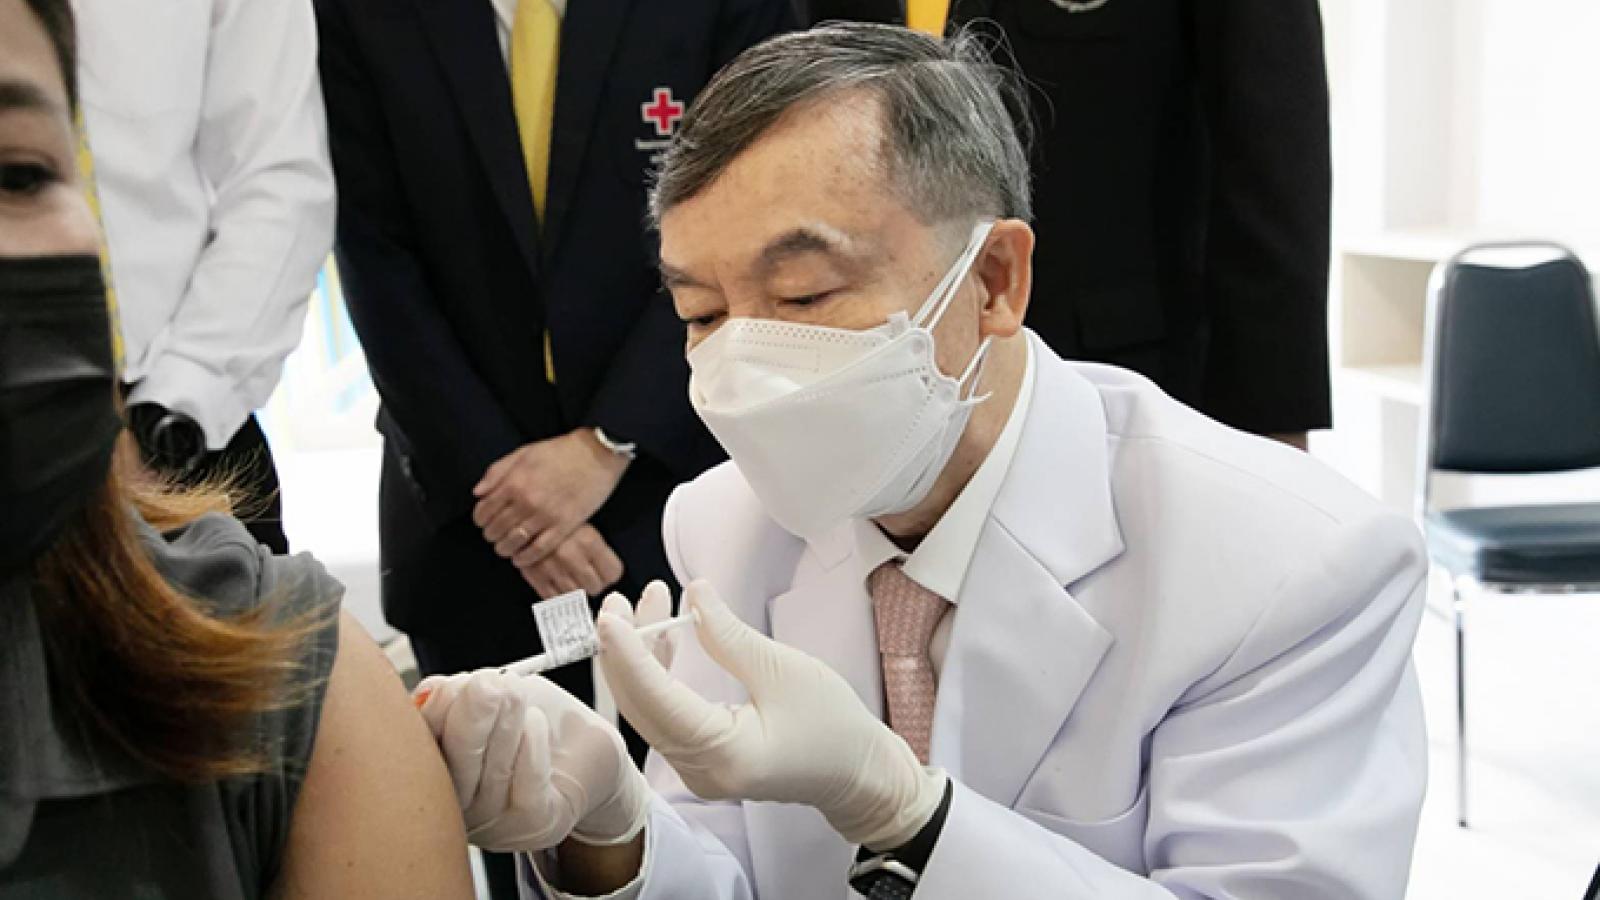 Đẩy mạnh bào chế vaccine nội địa: Giải pháp chống Covid-19 của Đông Nam Á?